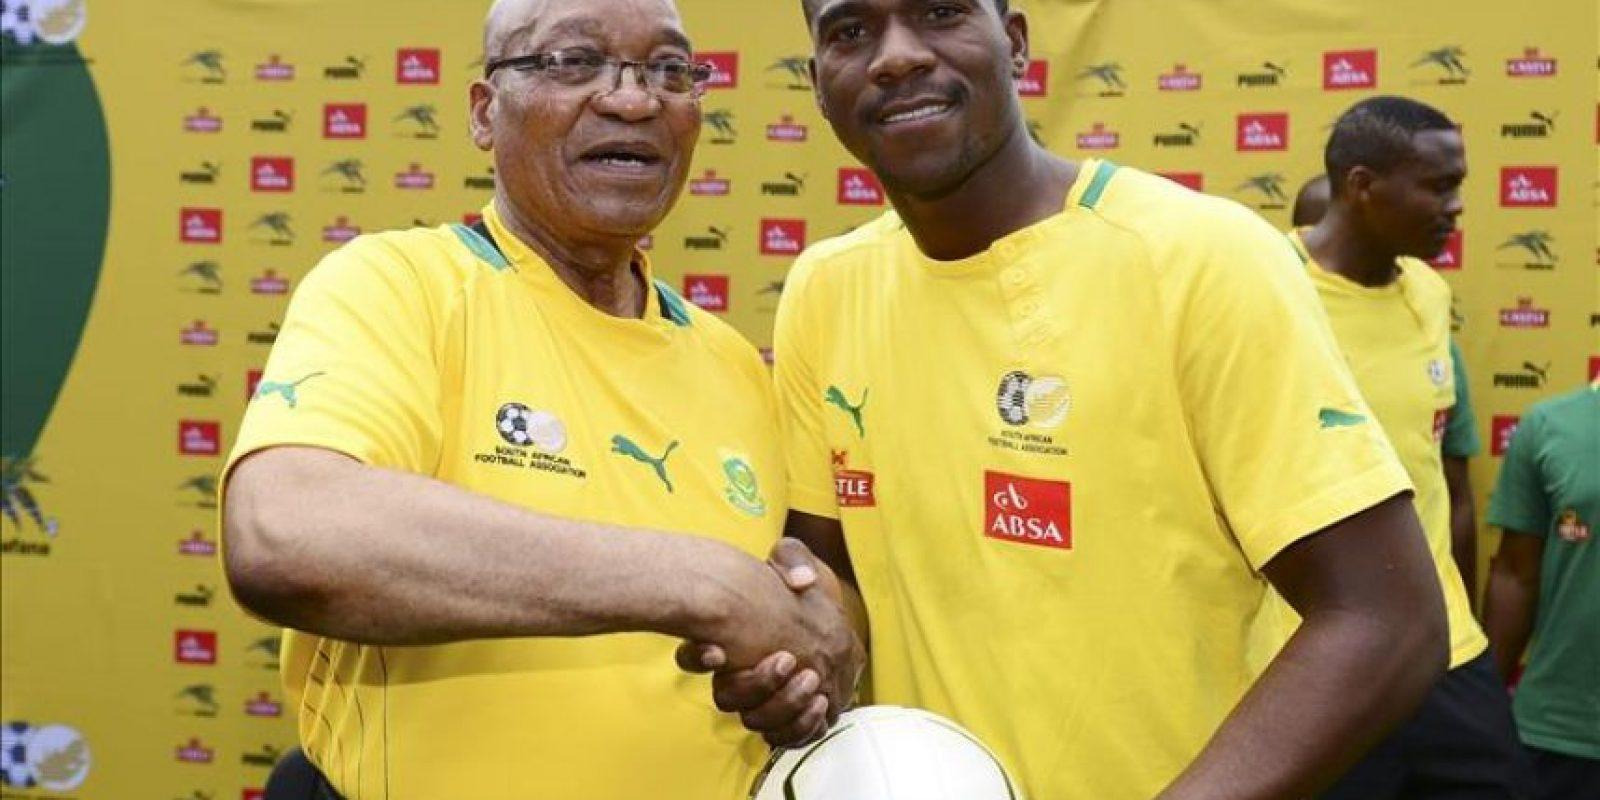 Fotografía de archivo tomada el 15 de enero de 2013 que muestra al guardameta de la selección sudafricana Senzo Meyiwa (dcha) junto al entonces presidente sudafricano, Jacob Zuma, en Johannerburgo (Sudárfrica). EFE